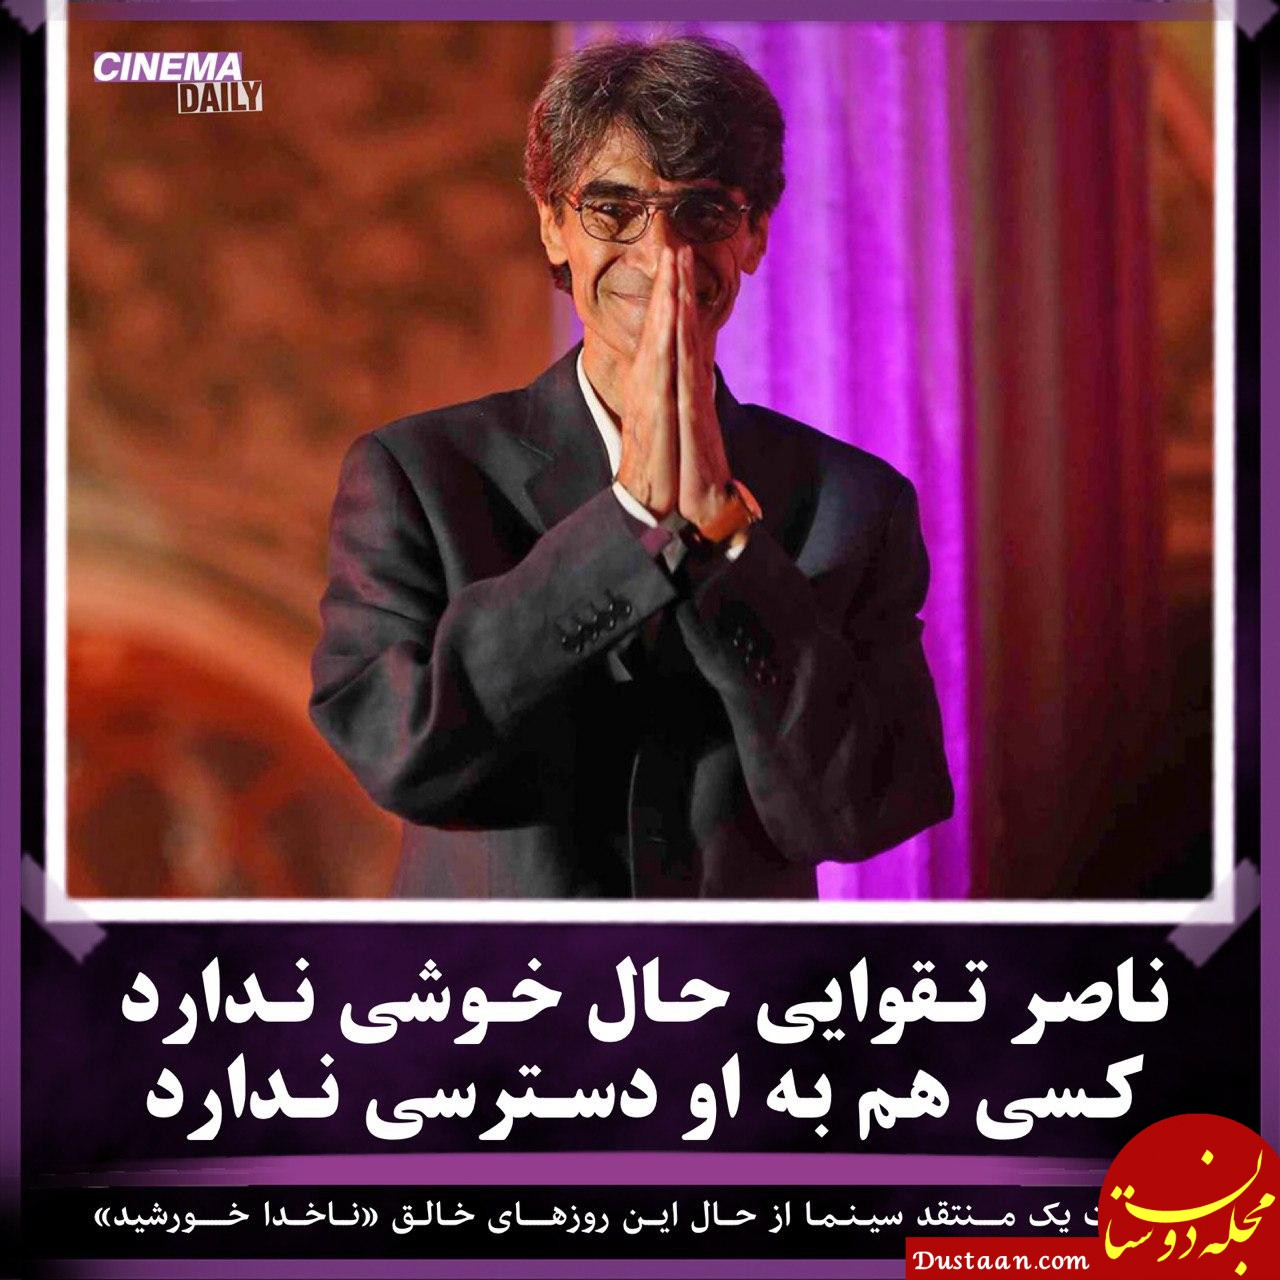 ناصر تقوایی حال خوشی ندارد، کسی هم به او دسترسی ندارد